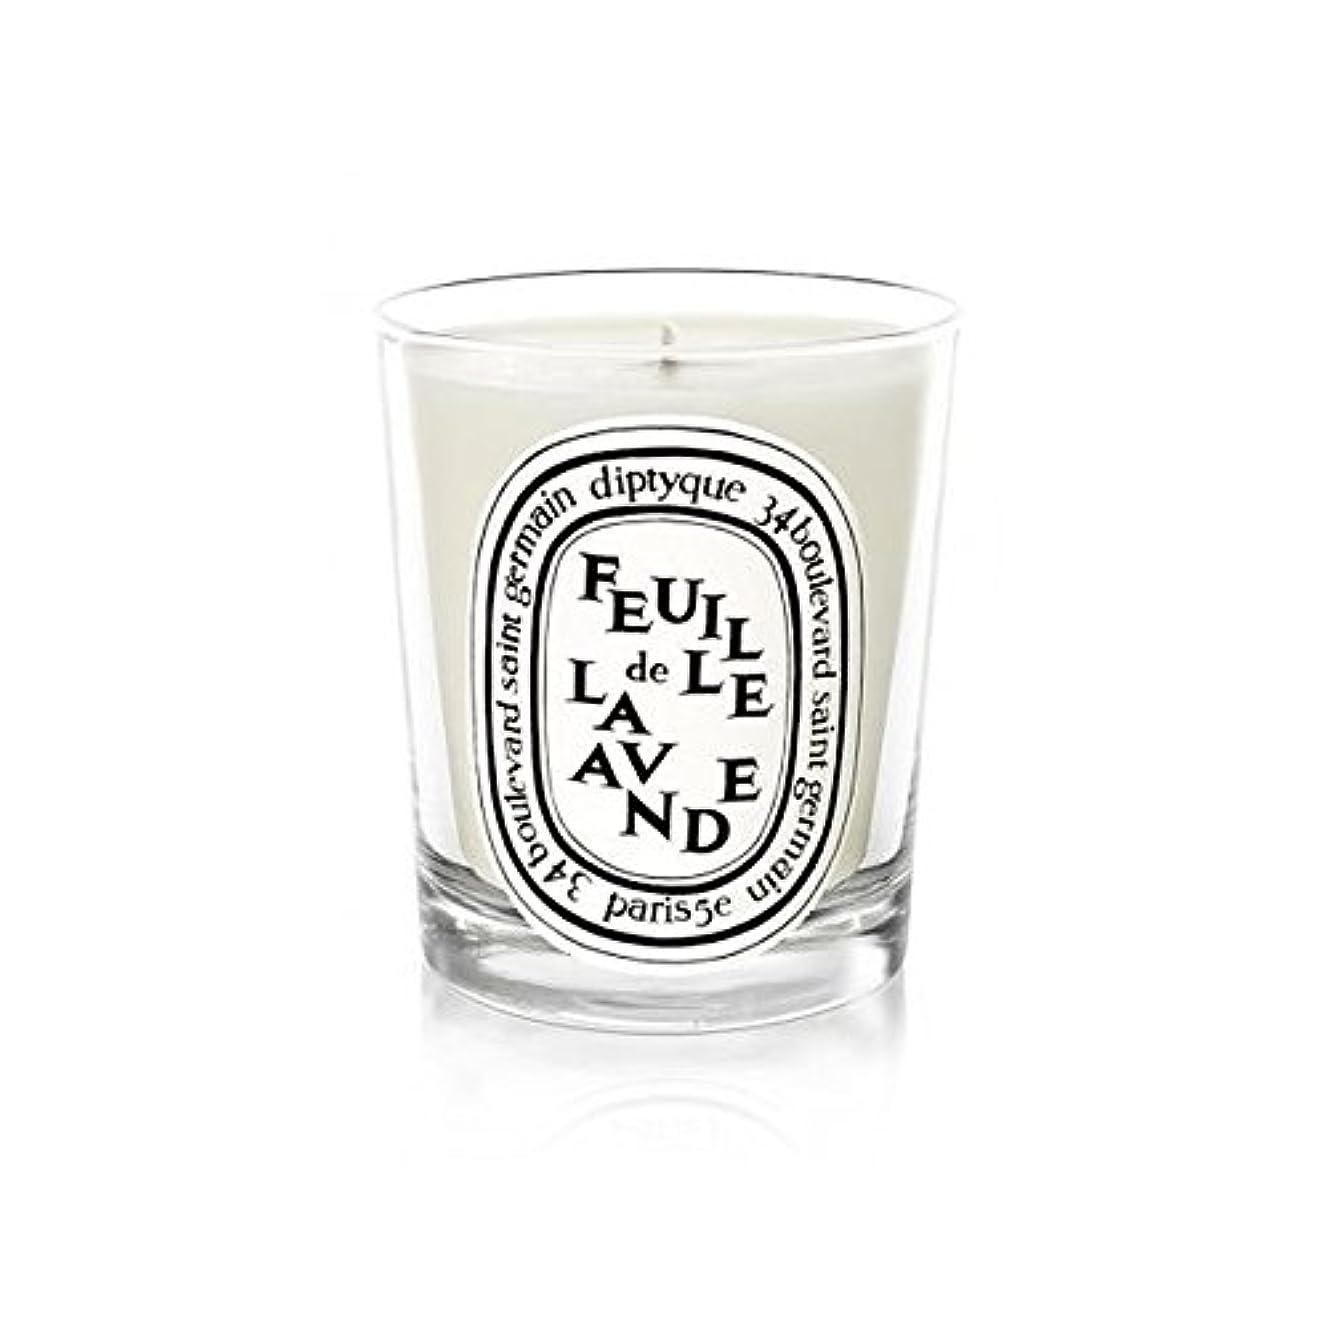 区別主人顔料DiptyqueキャンドルFeuilleデラバンデ/ラベンダーの葉70グラム - Diptyque Candle Feuille De Lavande / Lavender Leaf 70g (Diptyque) [並行輸入品]